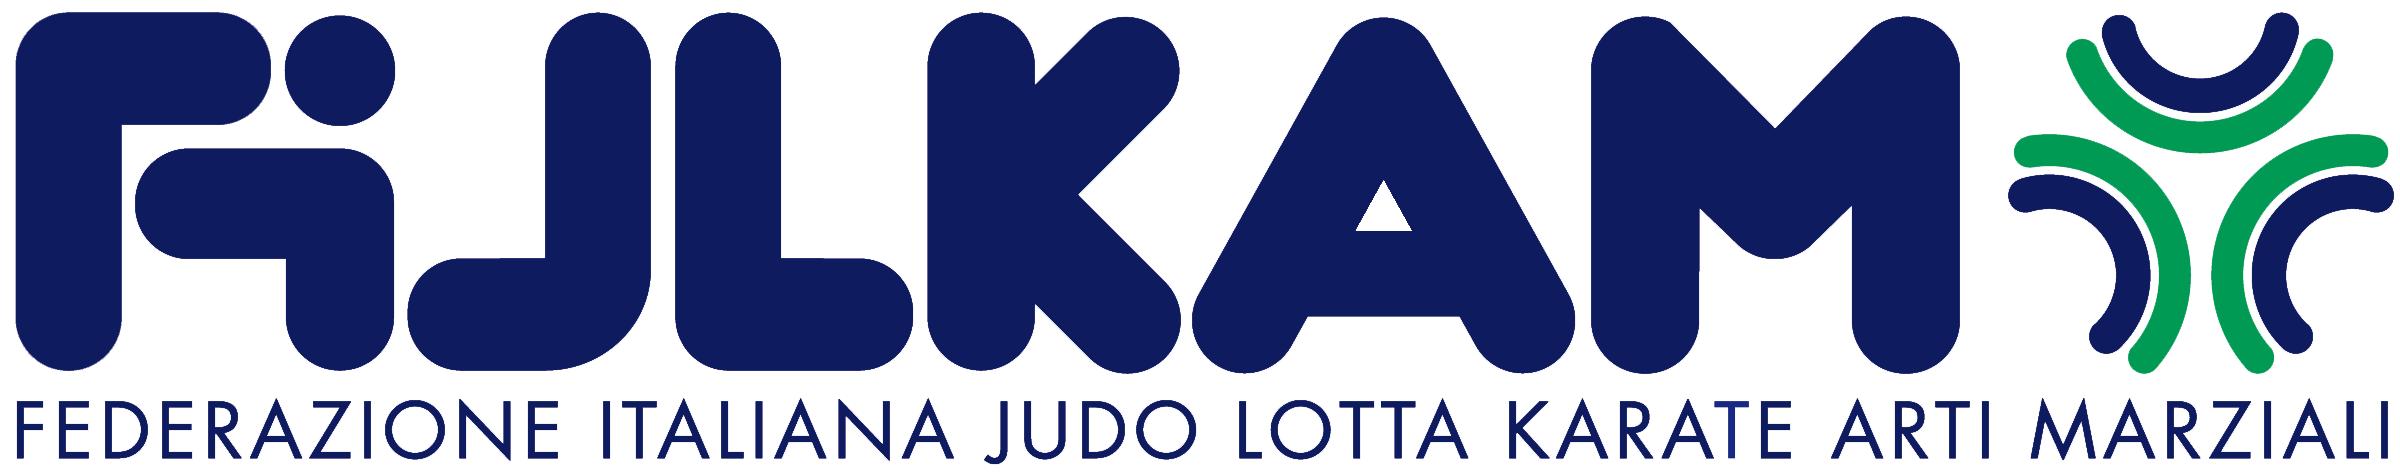 fijlkam-logo